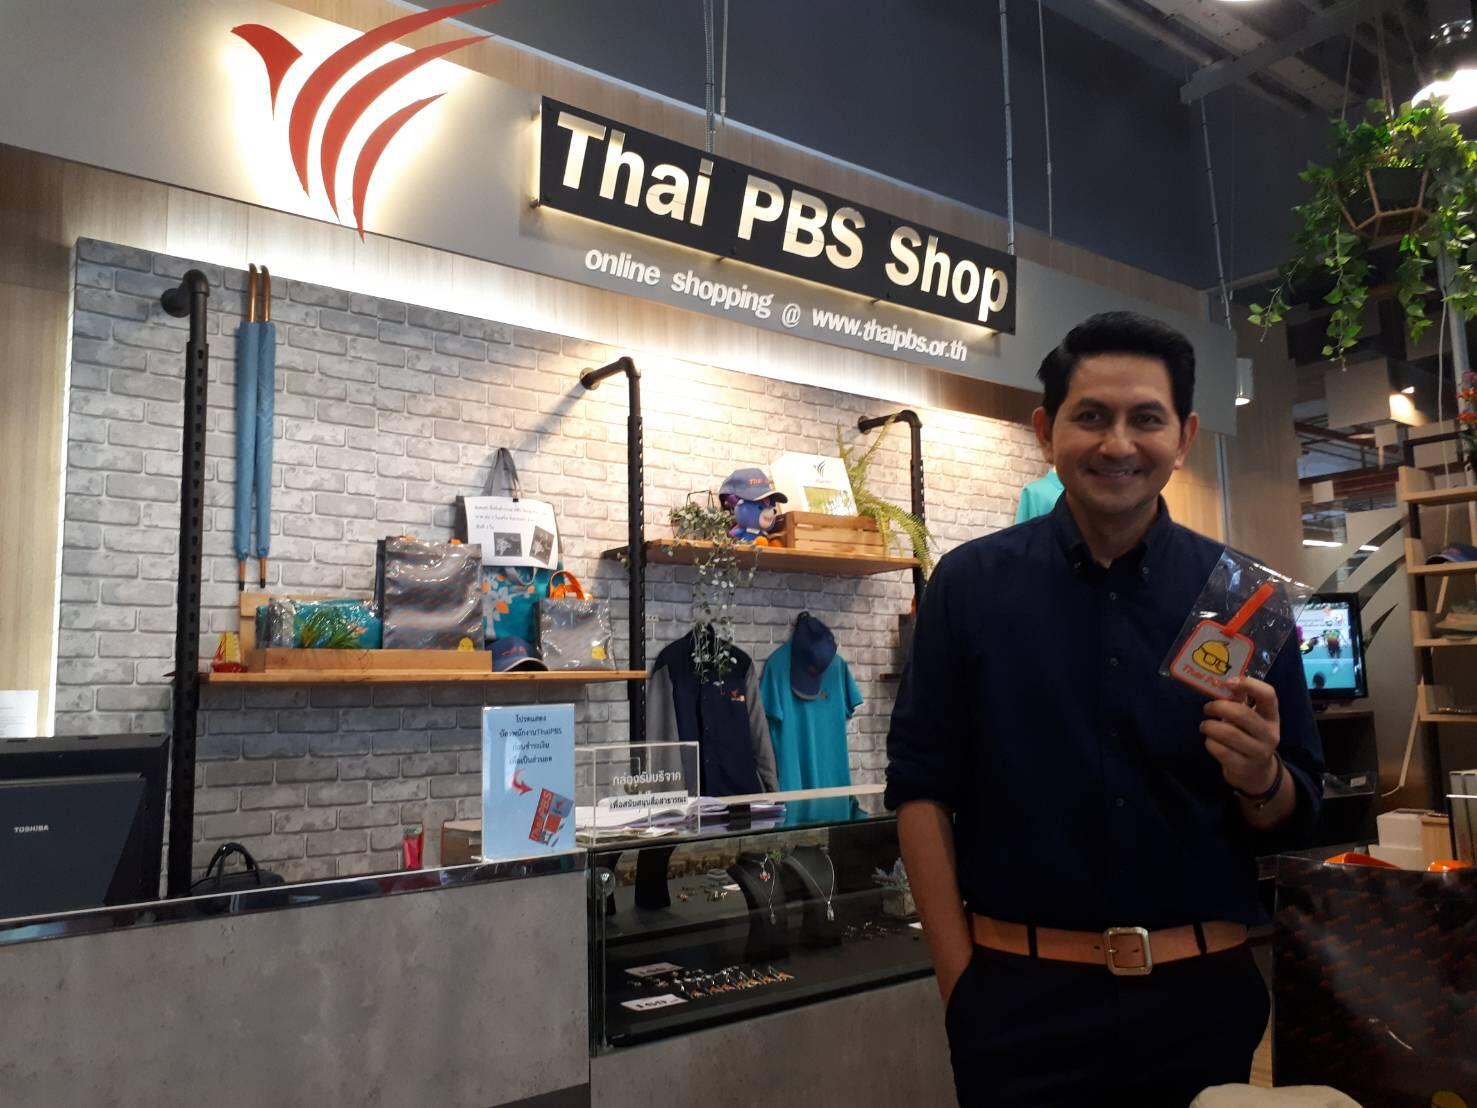 ThaiPBS จัดงาน ไทยพีบีเอสพื้นที่แห่งการเรียนรู้ ครั้งที่ 5 ตอน การเรียนรู้ สู่อาชีพในฝัน